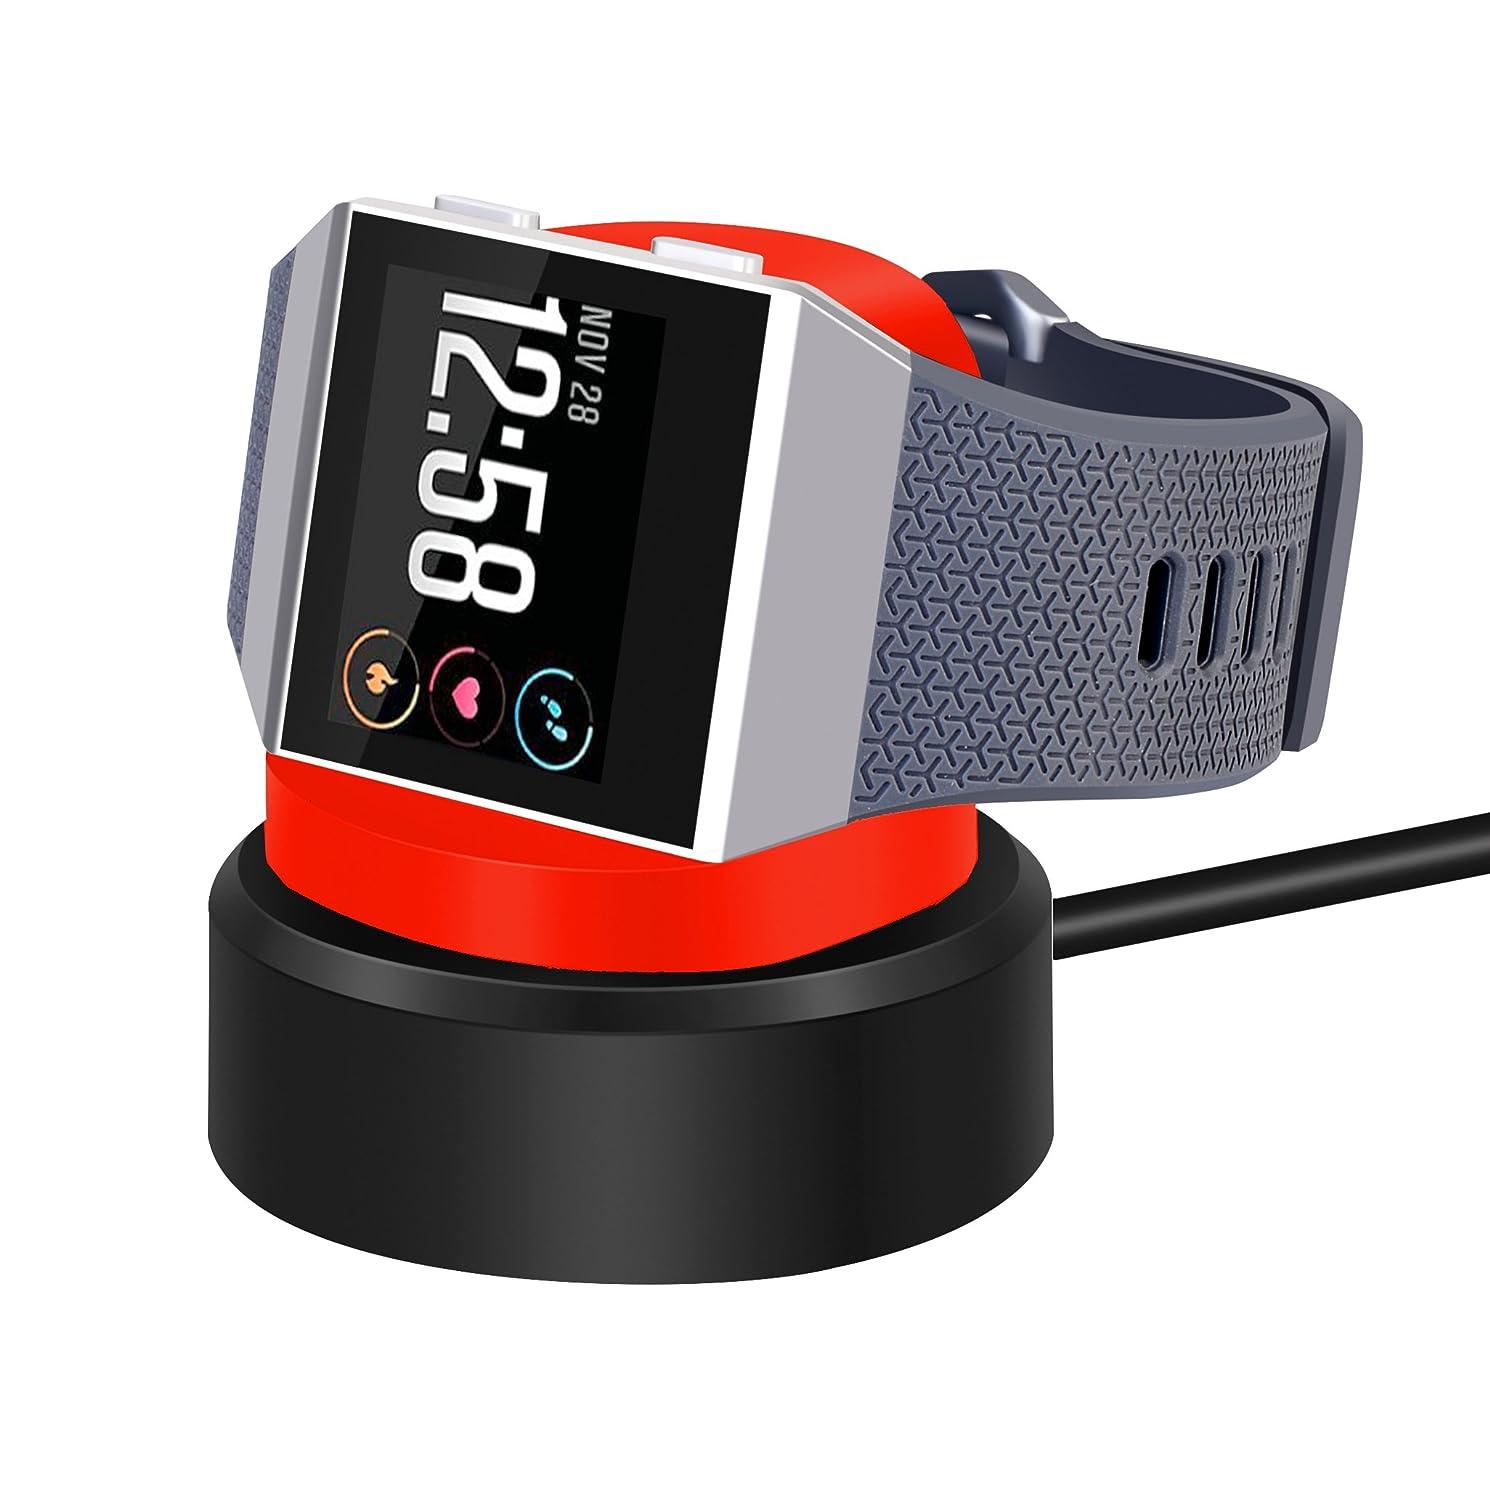 落ち着く触覚推測するKartice Compatible Fitbit Ionic 専用充電器 ワイヤレス、マイクロUSBケーブル 電クレードル チャージャー USB充電ケーブル 急速充電 Fitbit Ionicに対応スマートウォッチ充電器(赤+黒)